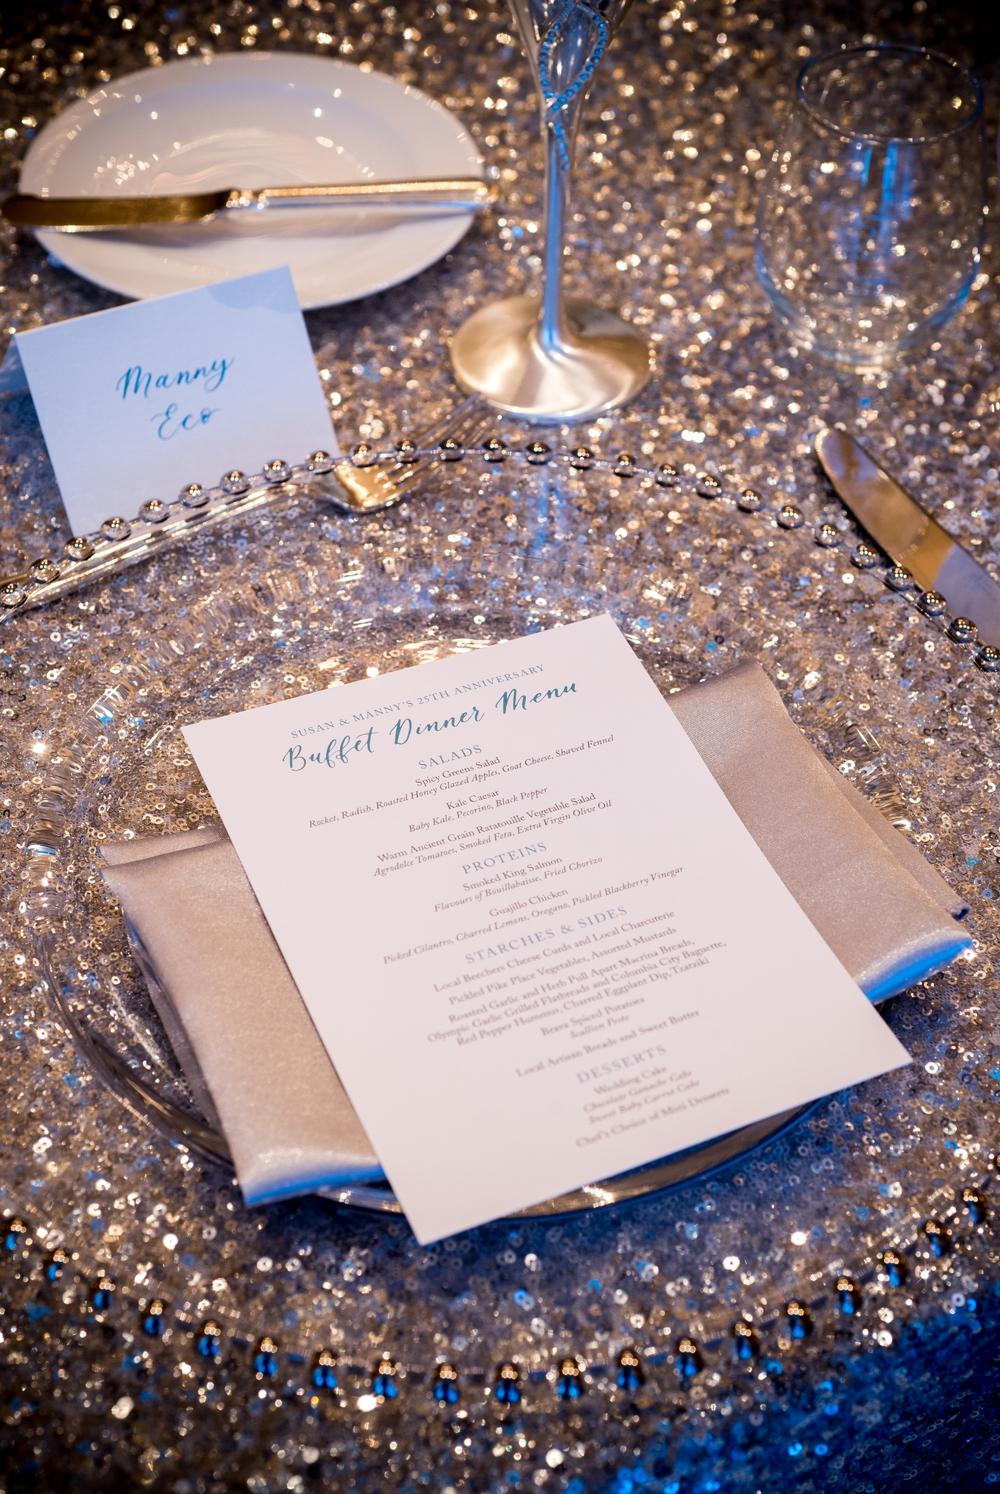 buffet-dinner-menu